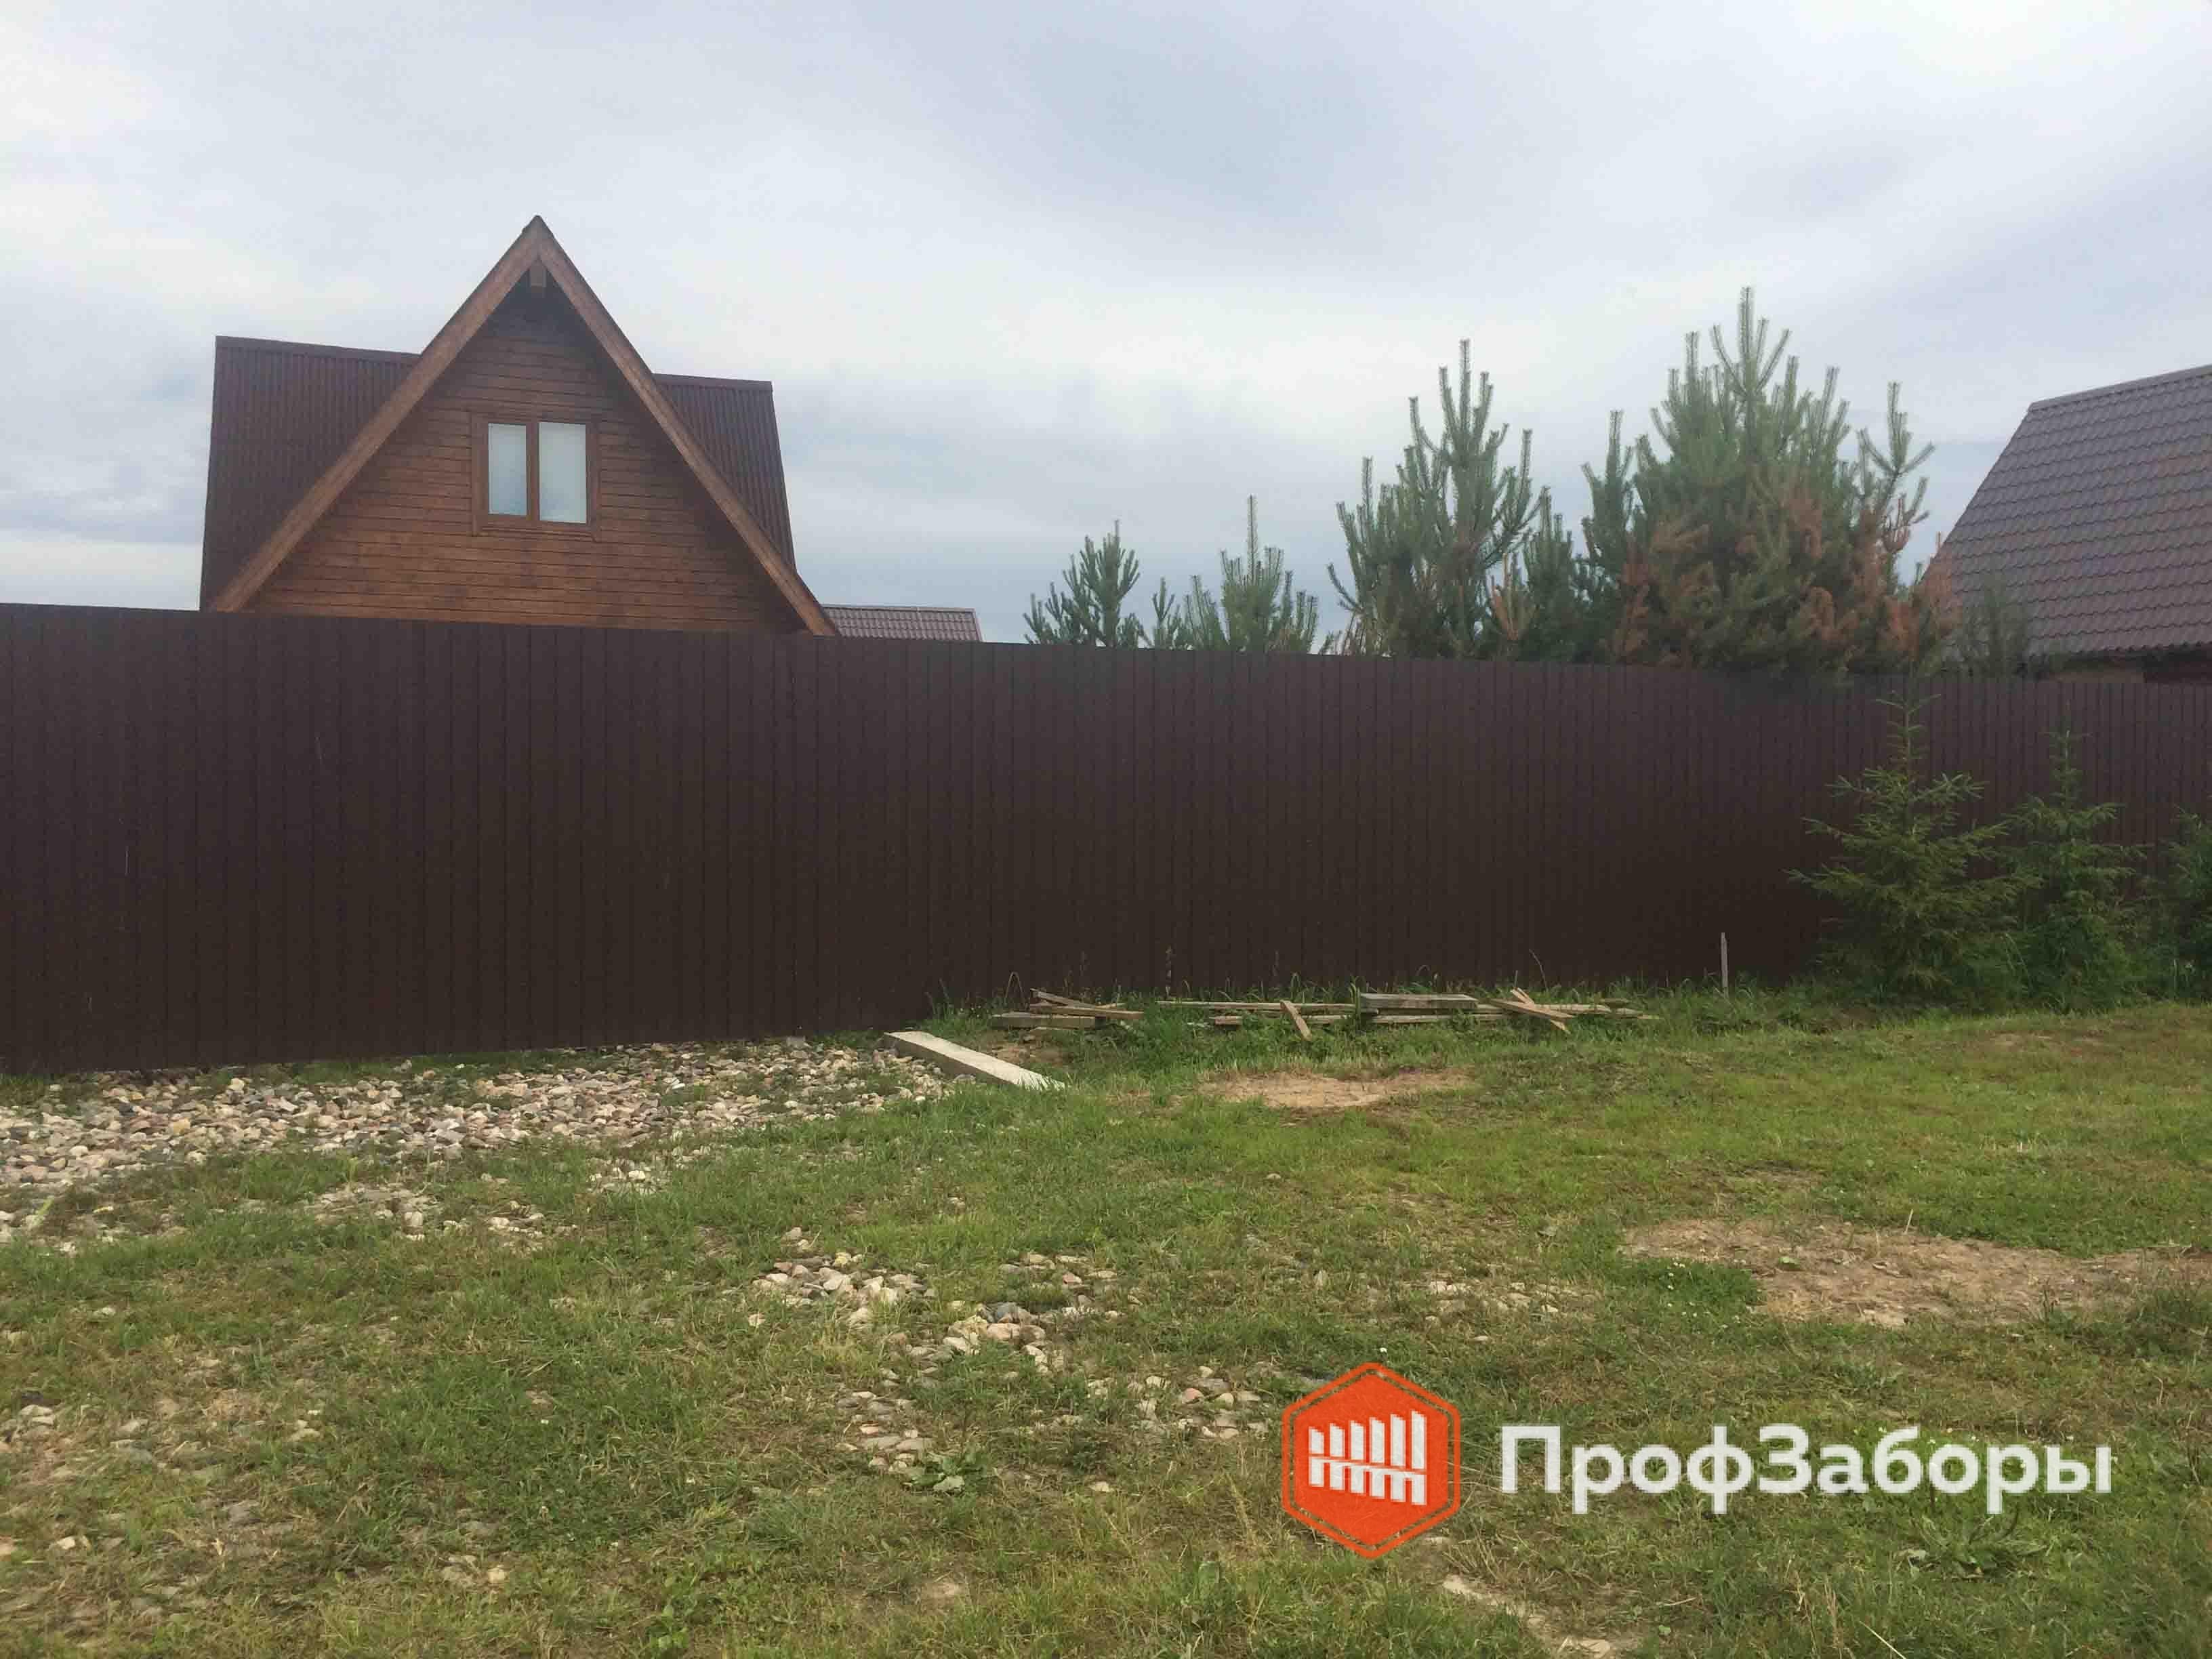 Заборы Из профнастила  - Городской округ Черноголовка. Фото 3